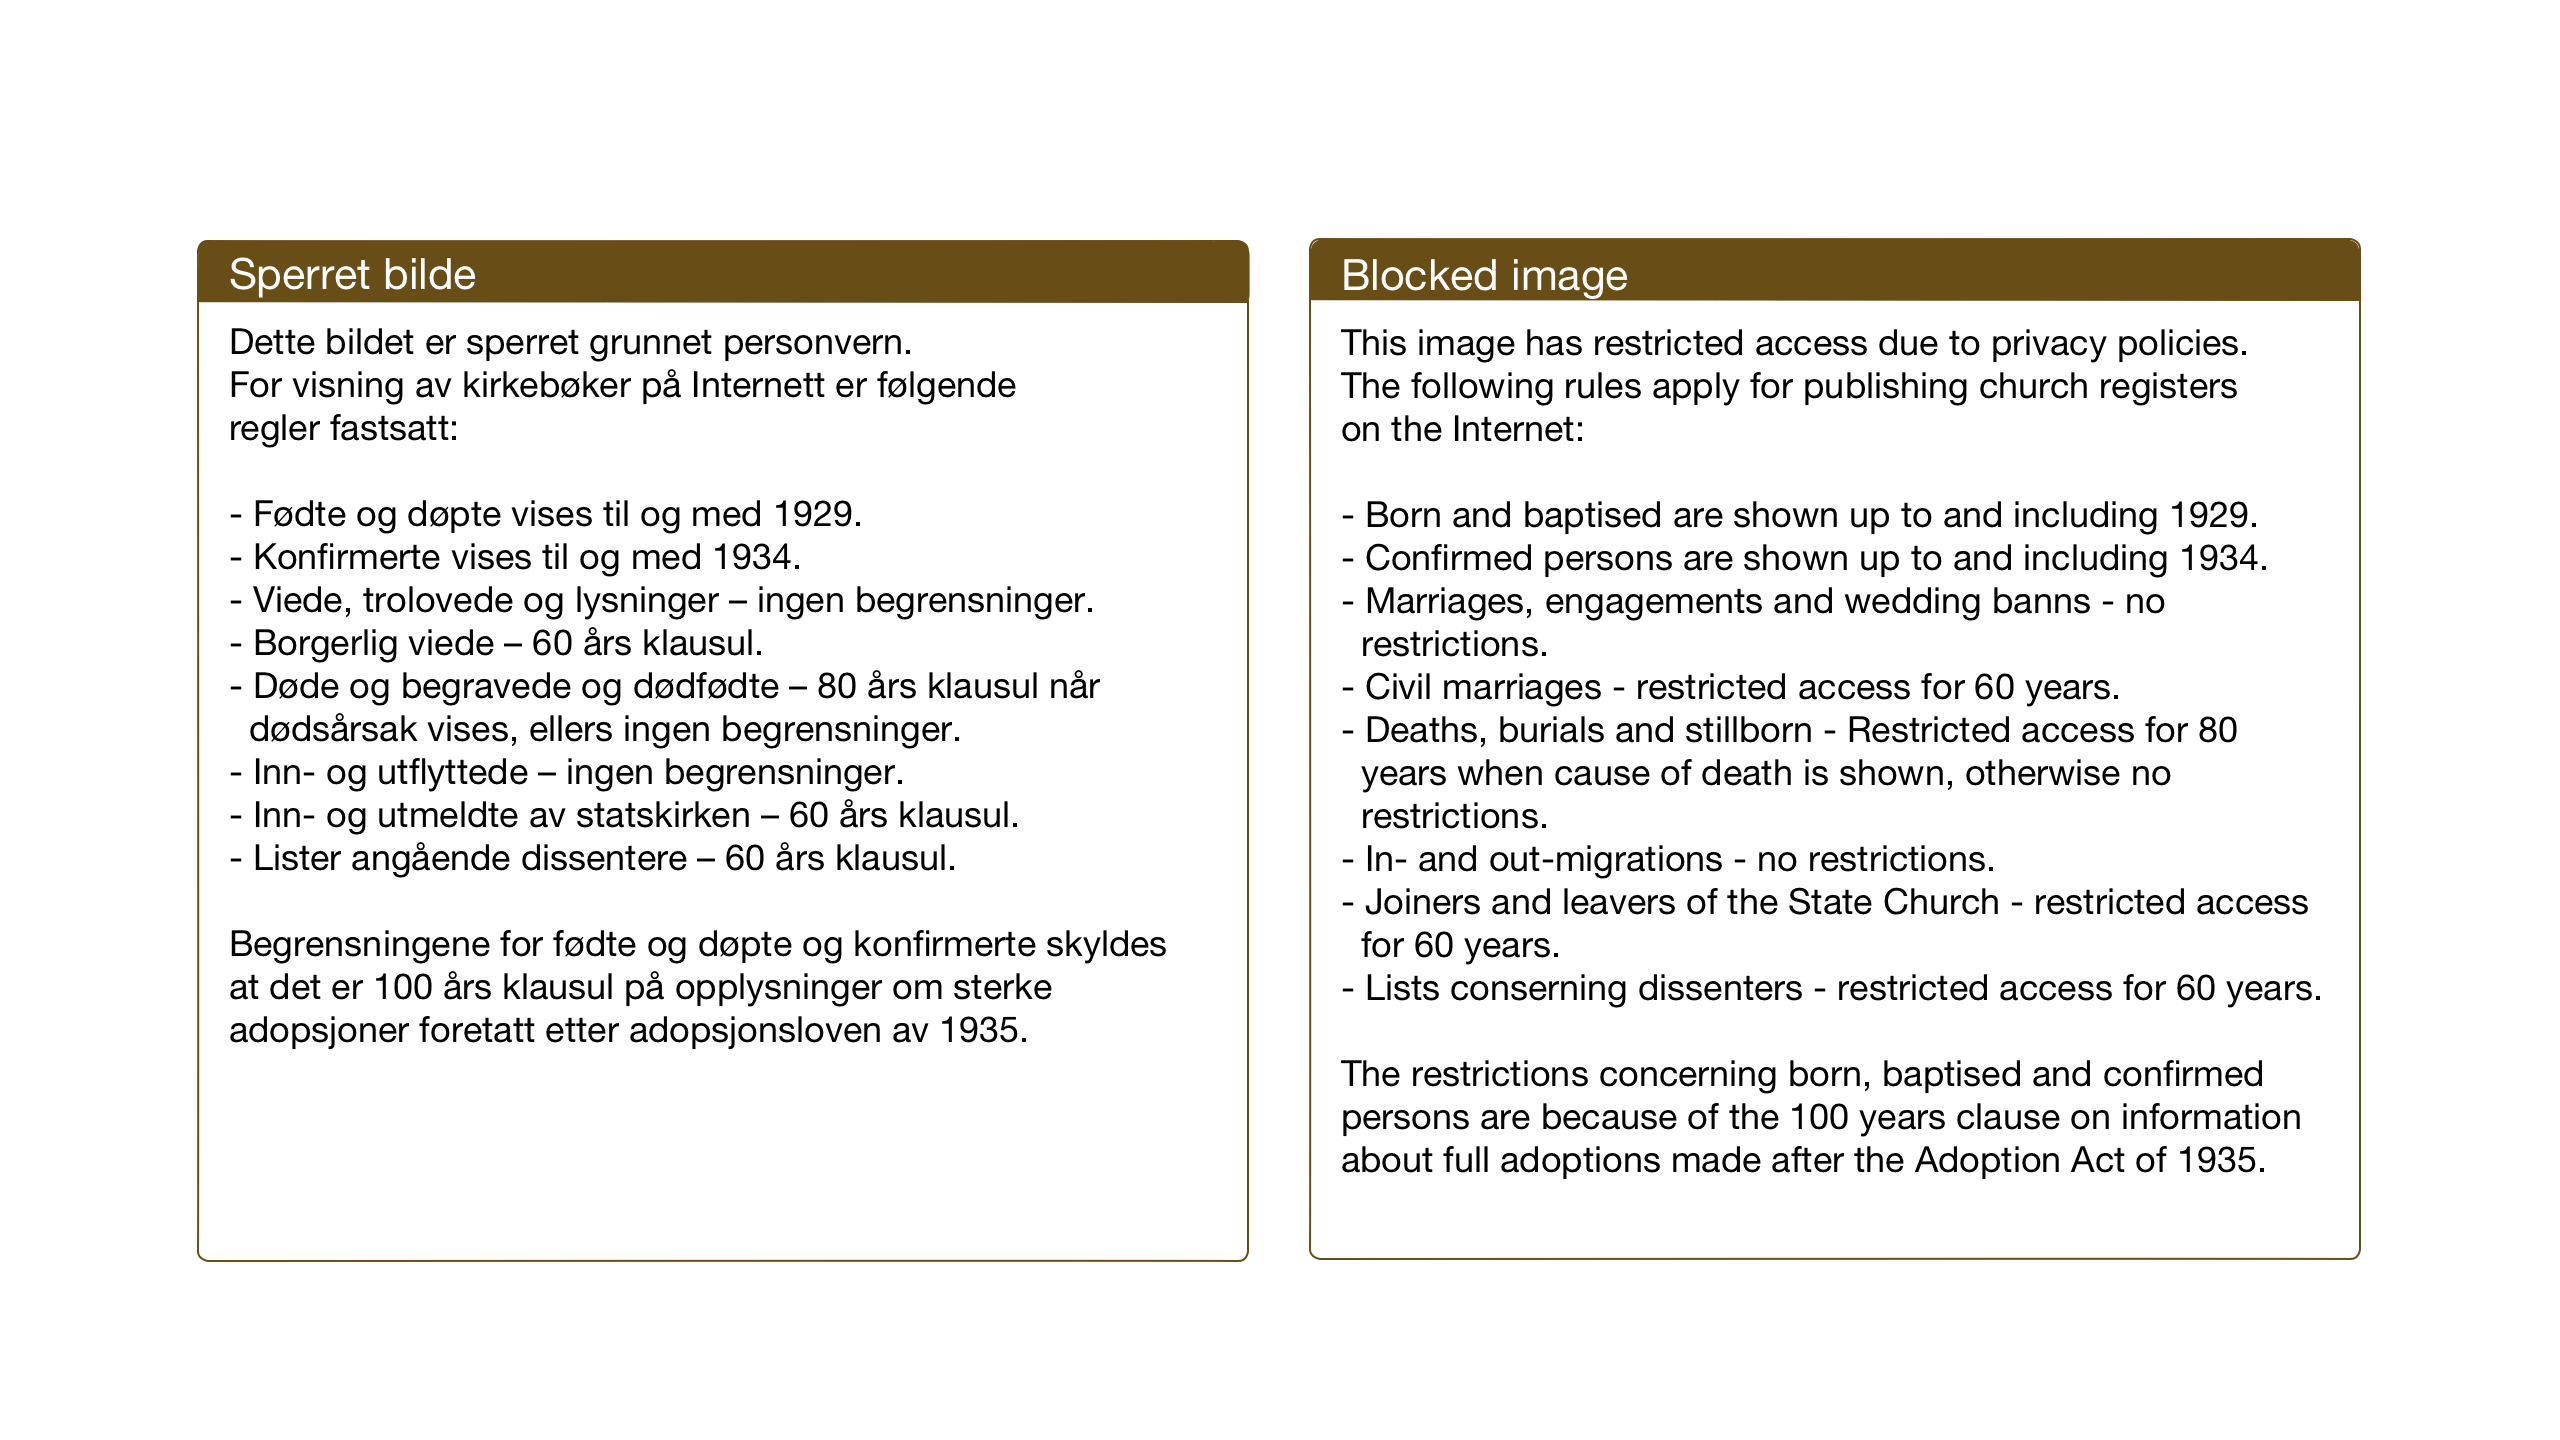 SAT, Ministerialprotokoller, klokkerbøker og fødselsregistre - Nord-Trøndelag, 730/L0304: Klokkerbok nr. 730C07, 1934-1945, s. 11